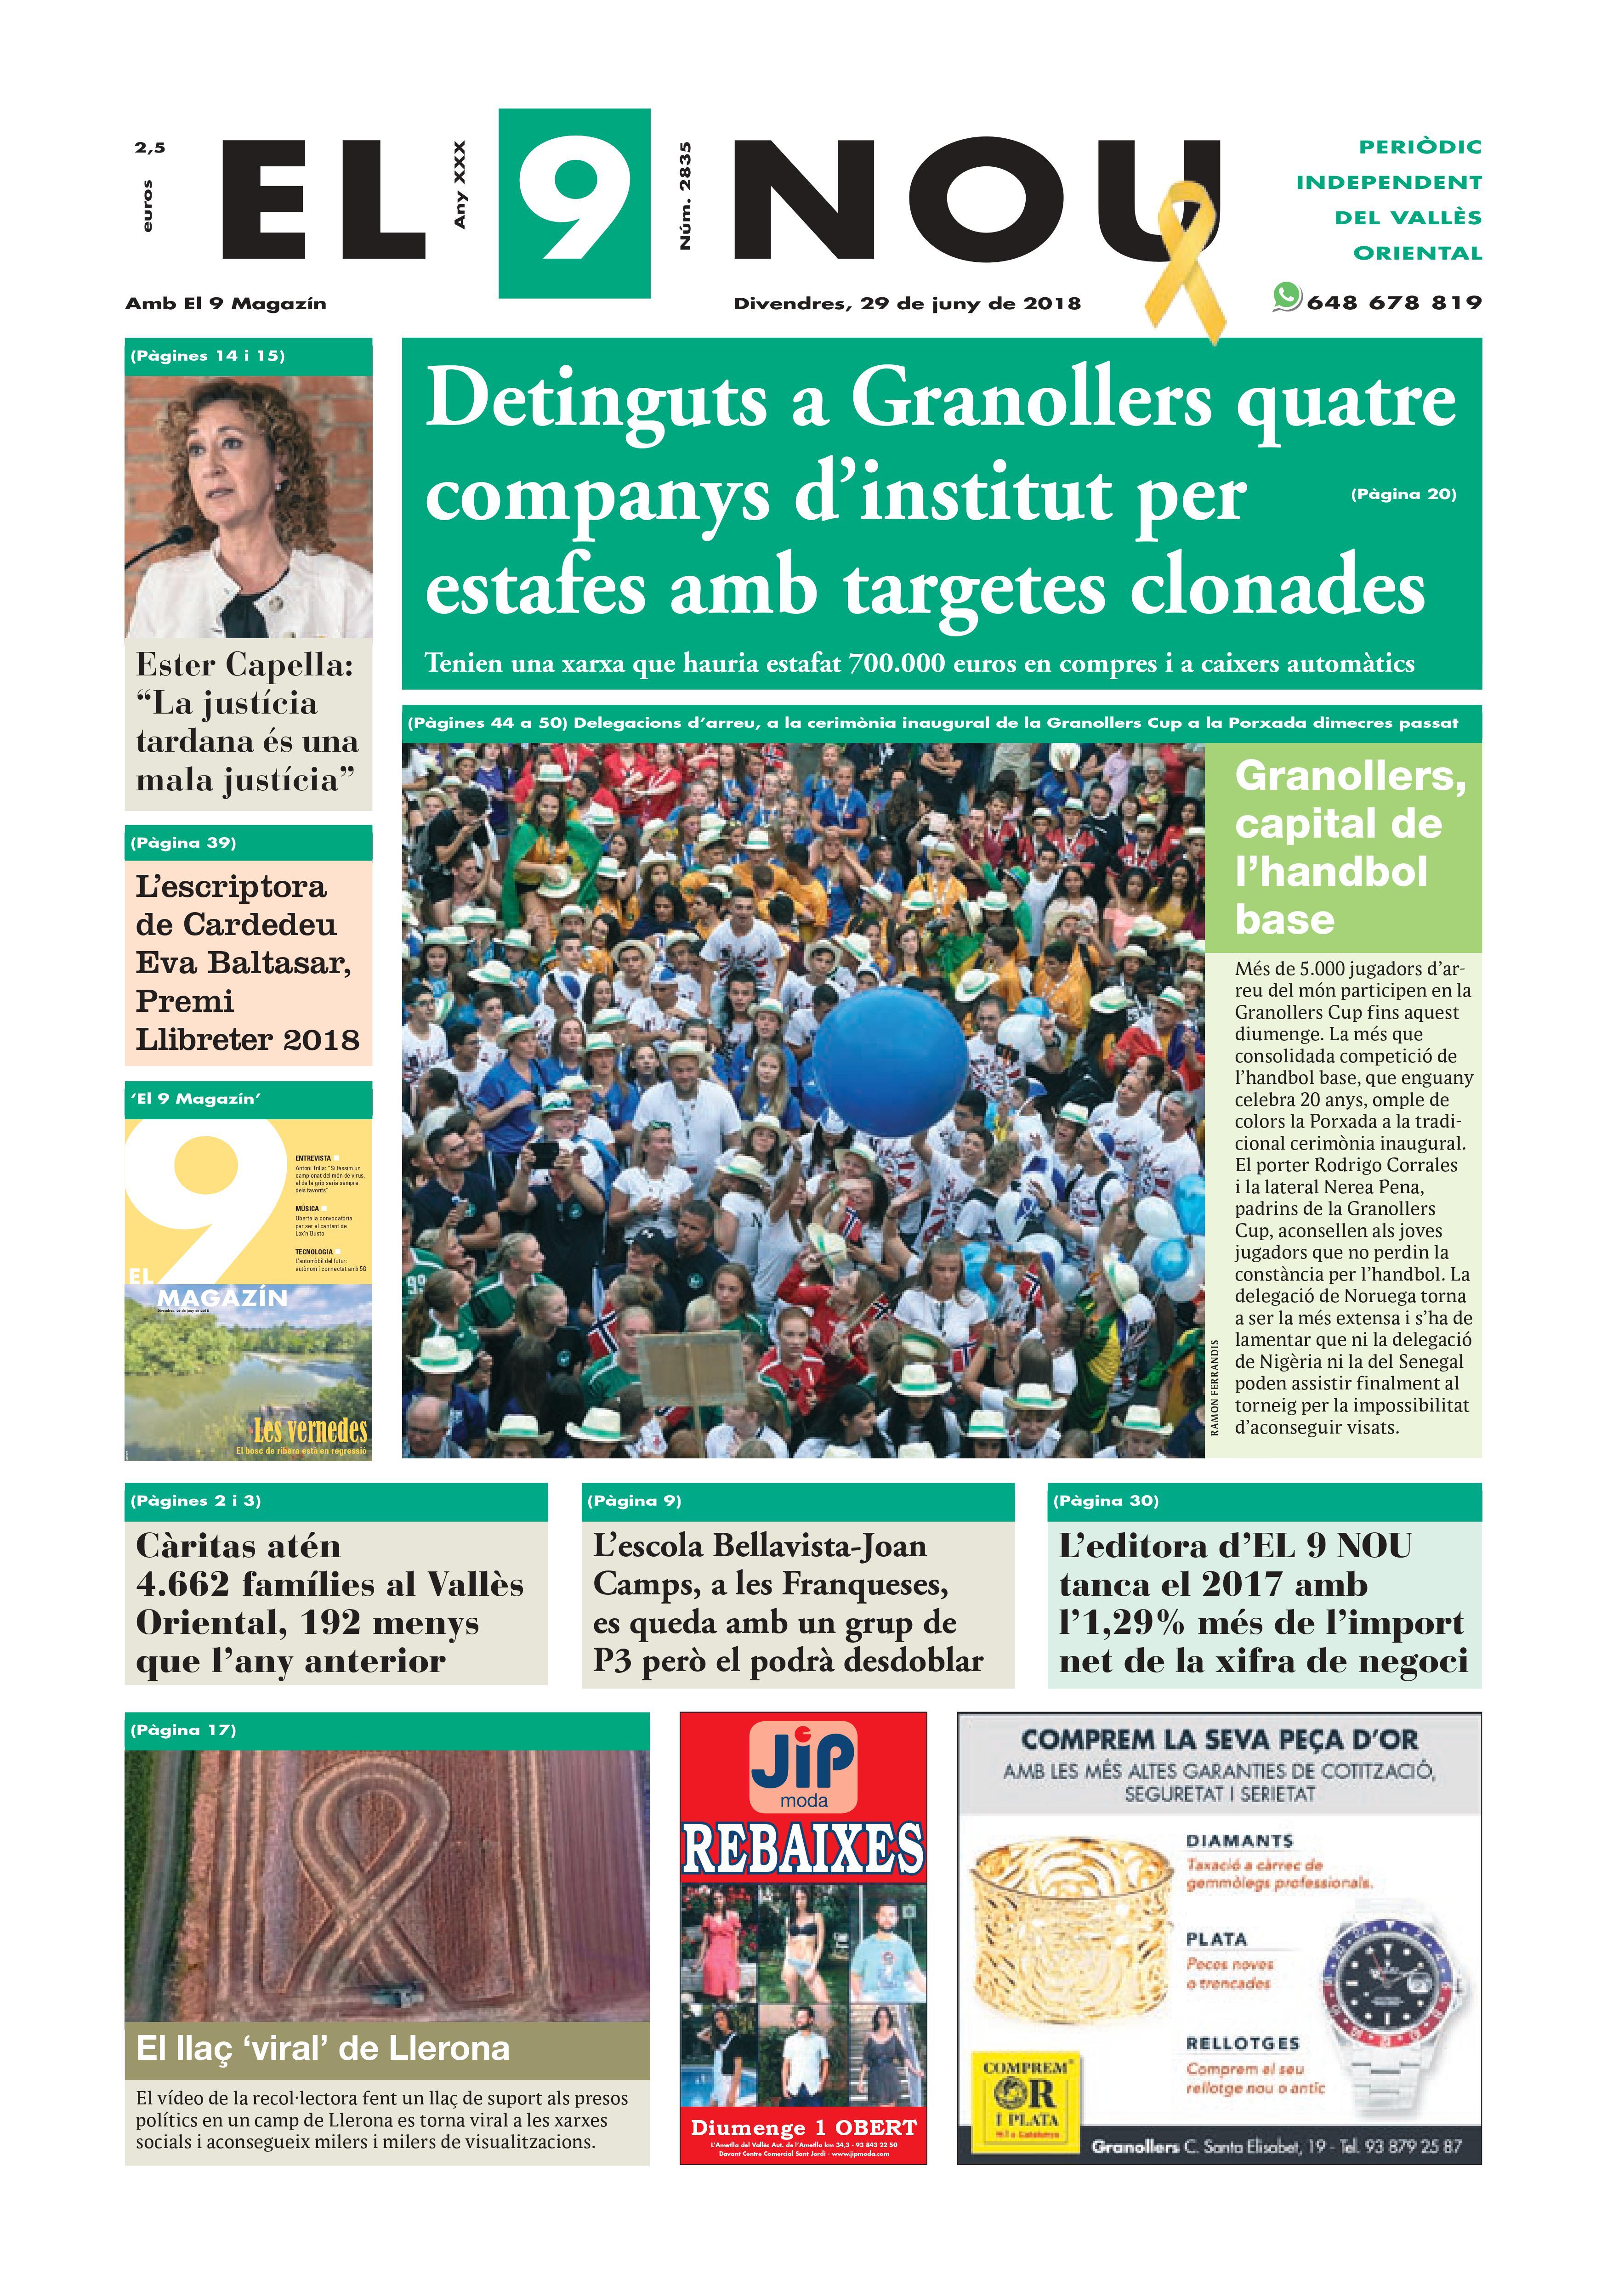 Primera plana EL 9 NOU 29_06_18 Vallès